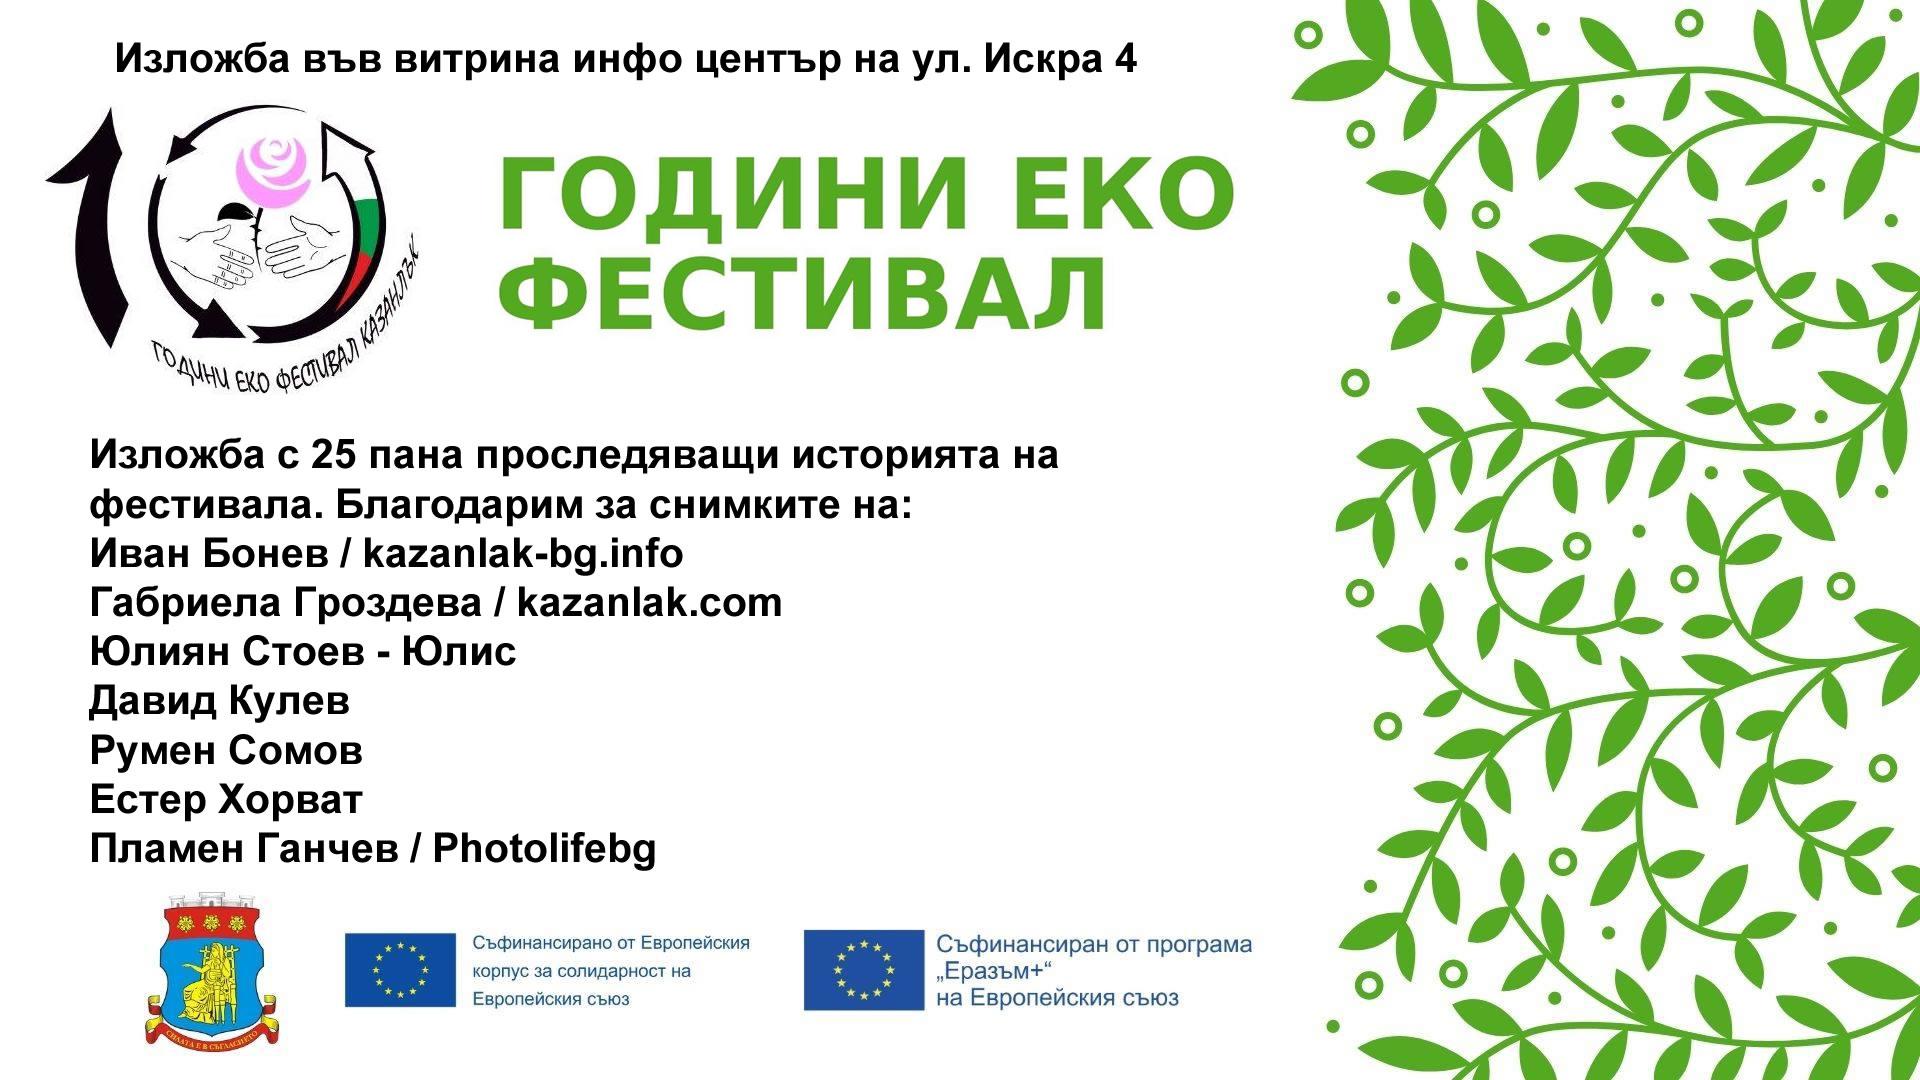 Изложба показва 10 години еко фестивал в снимки